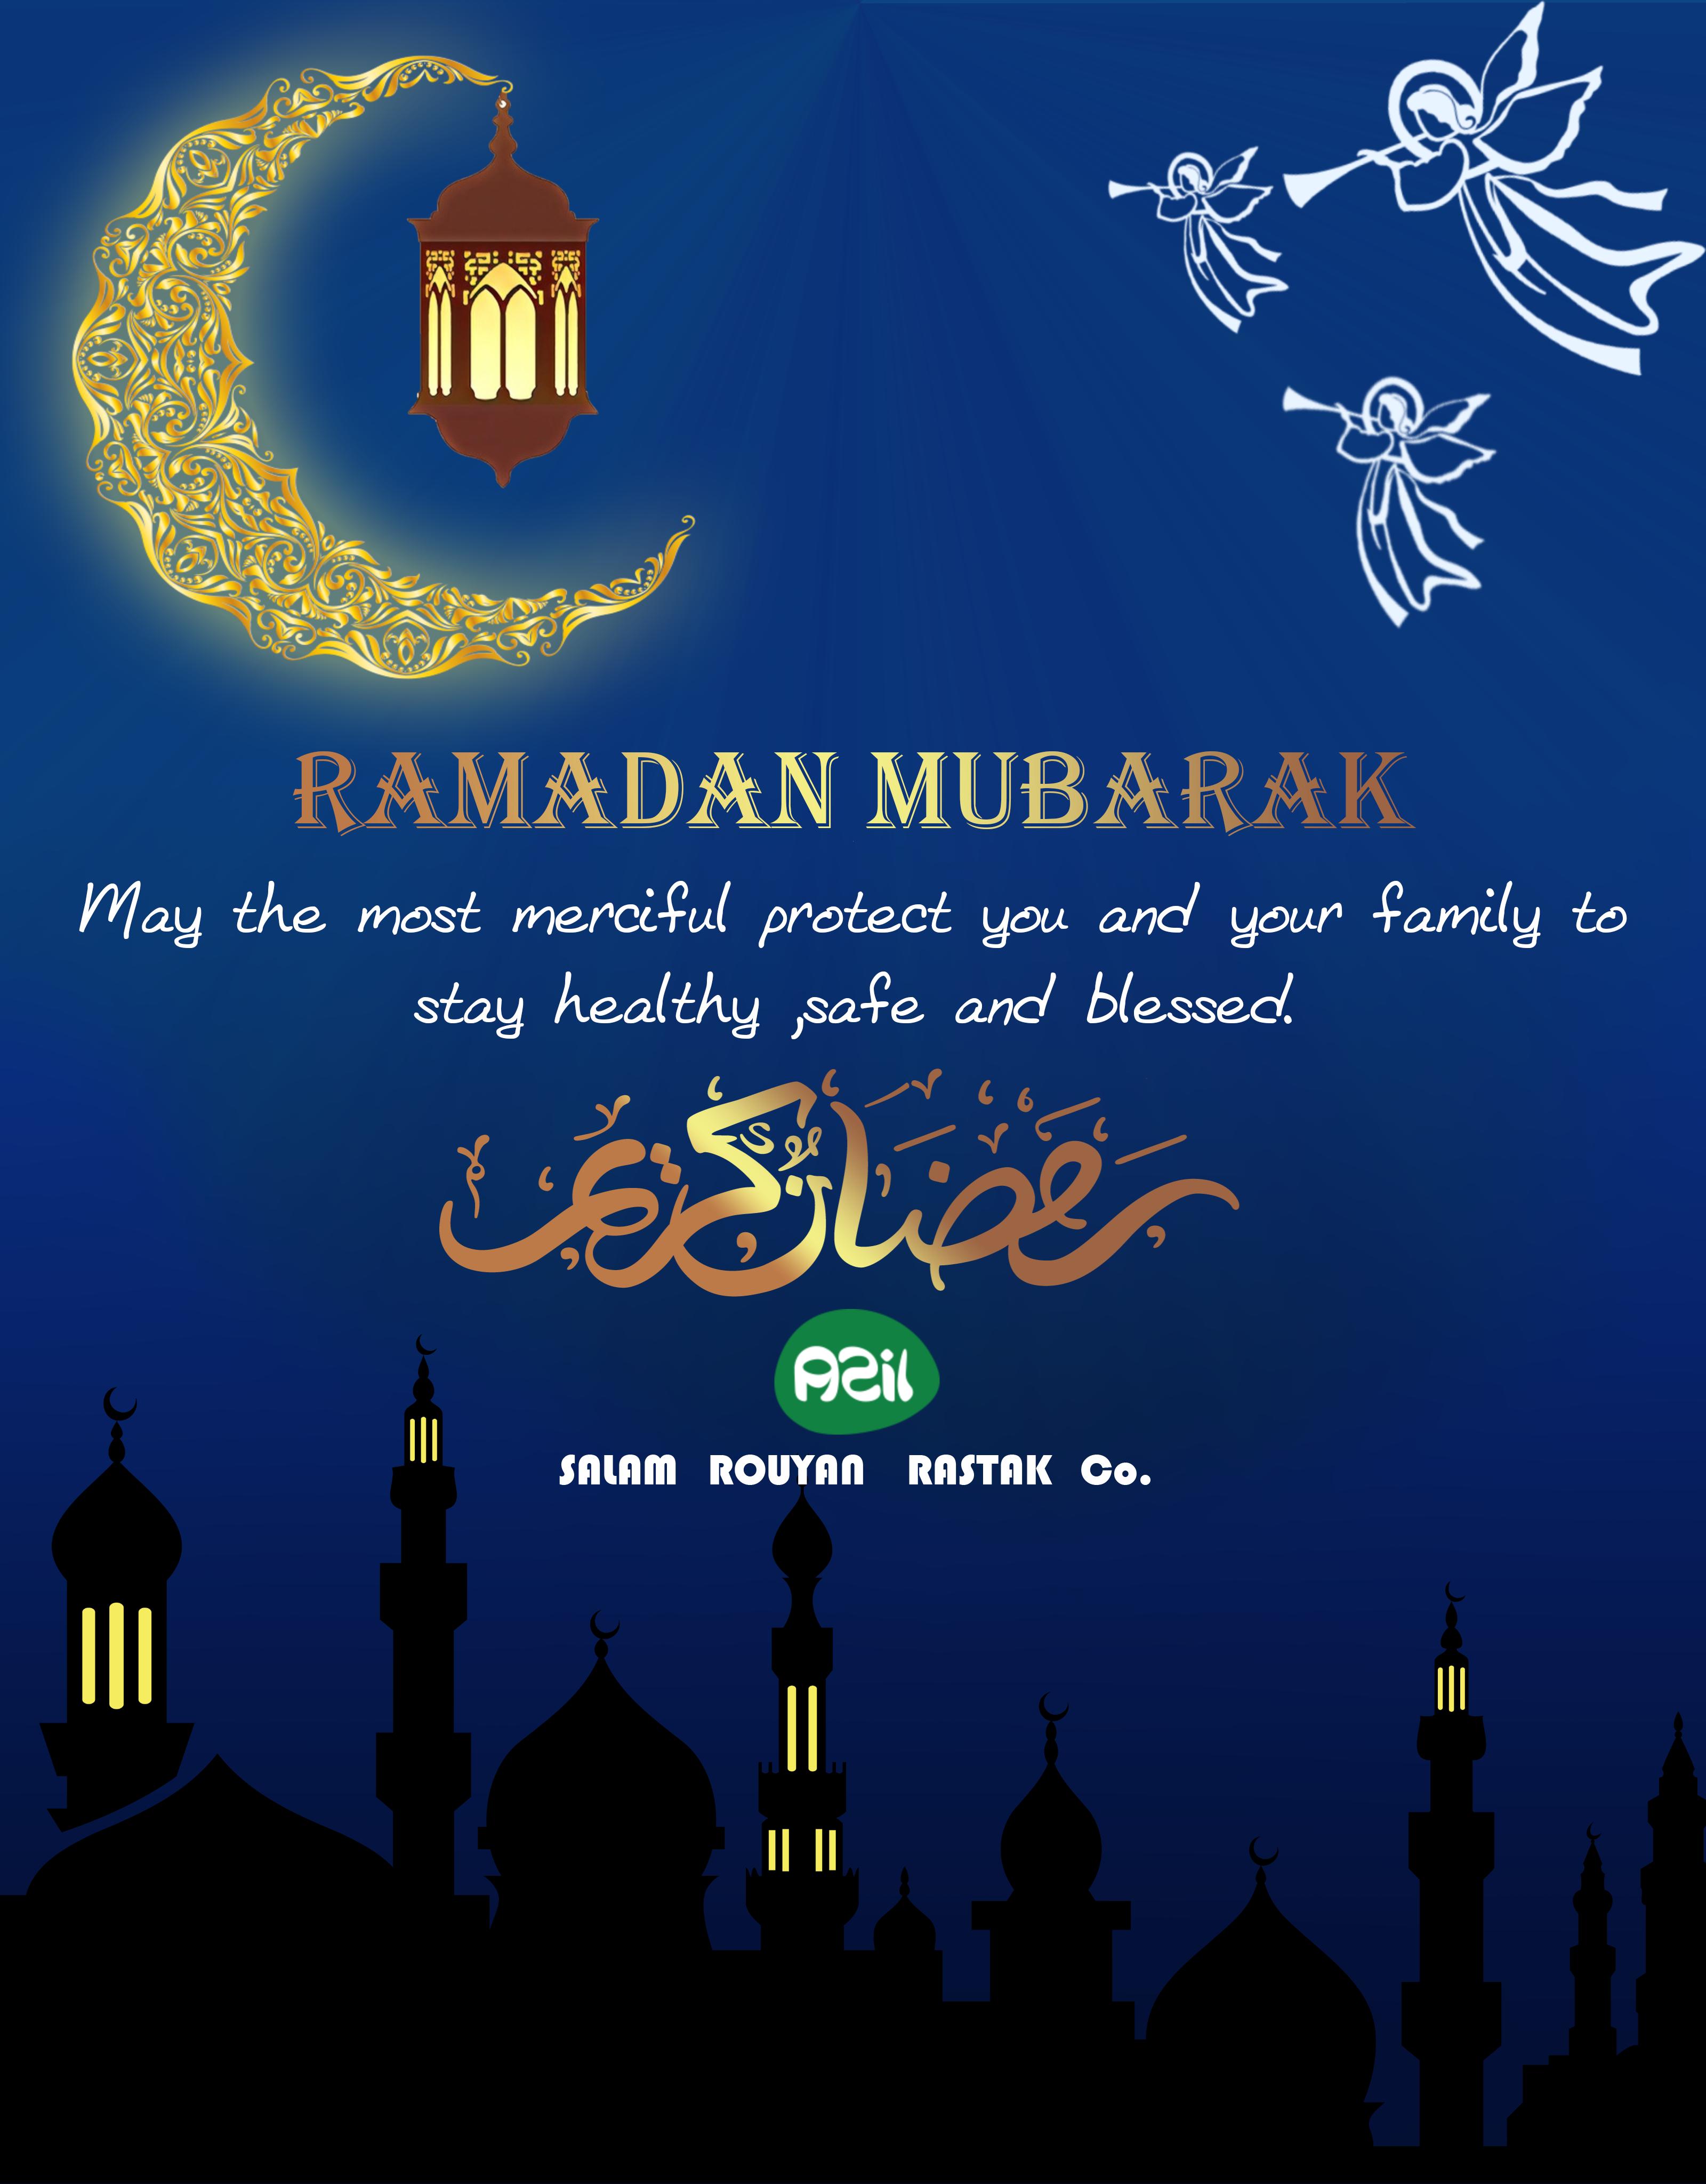 Ramadan mubarak - Happy Ramadan 2021